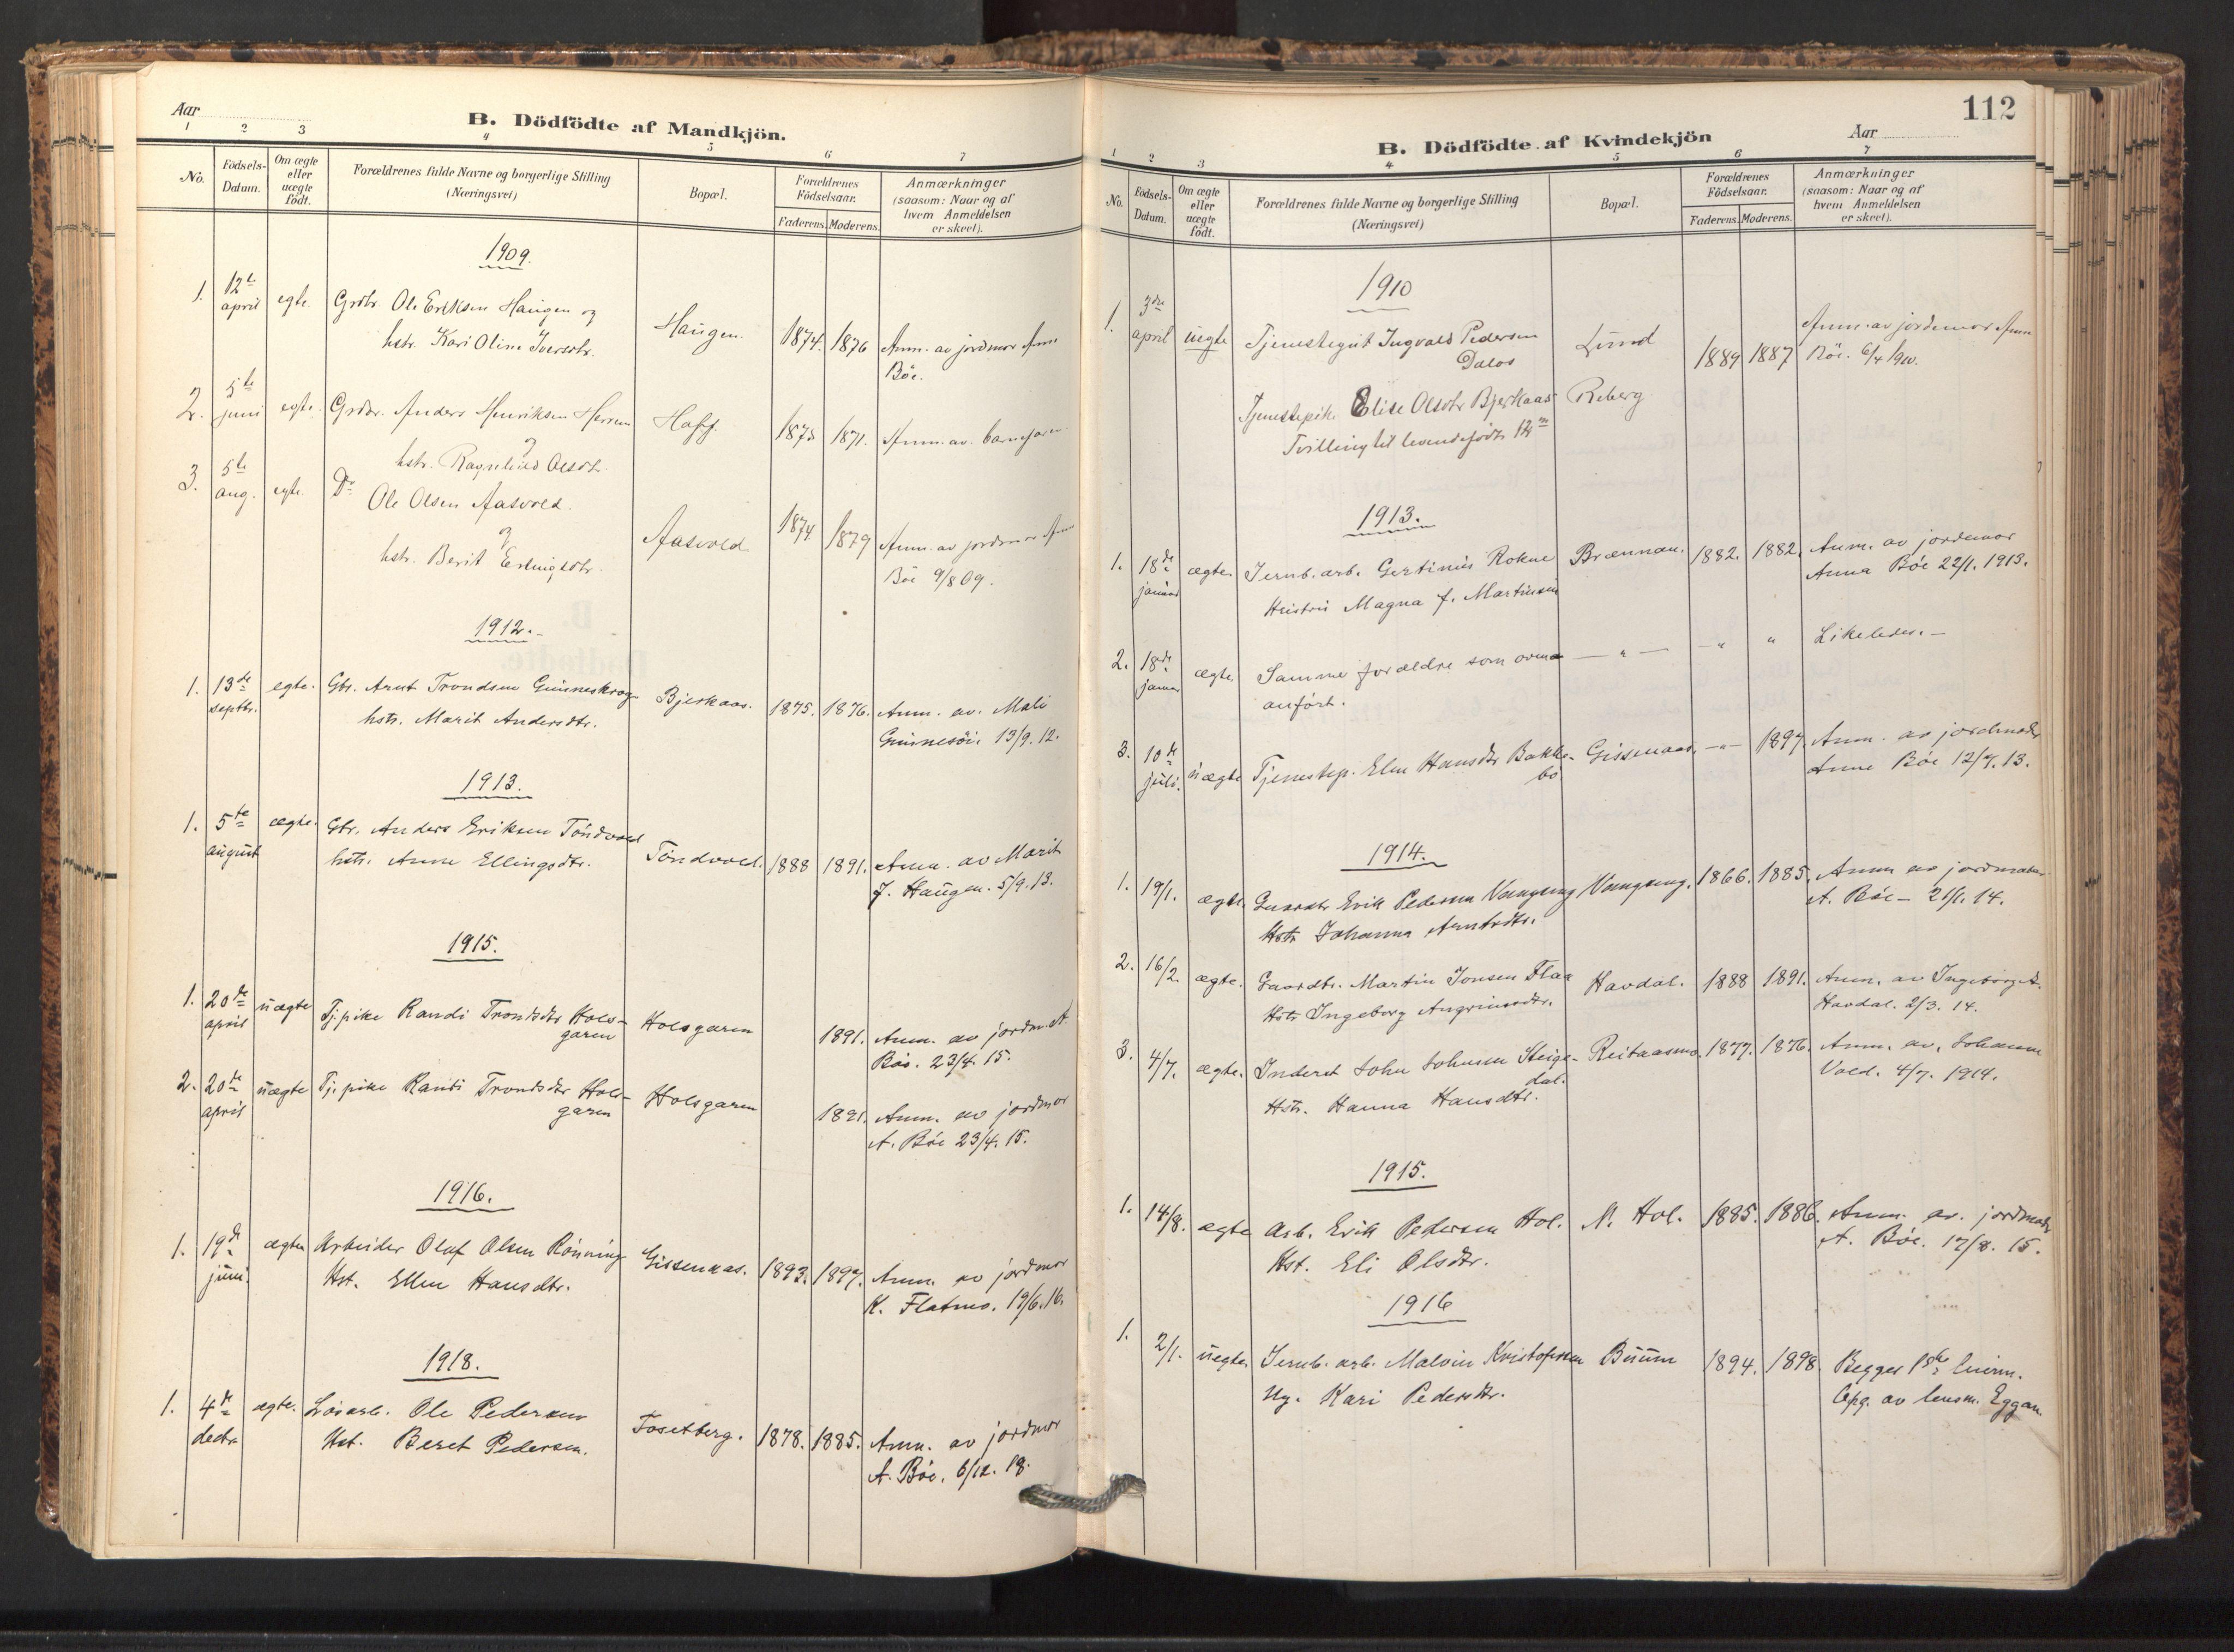 SAT, Ministerialprotokoller, klokkerbøker og fødselsregistre - Sør-Trøndelag, 674/L0873: Ministerialbok nr. 674A05, 1908-1923, s. 112